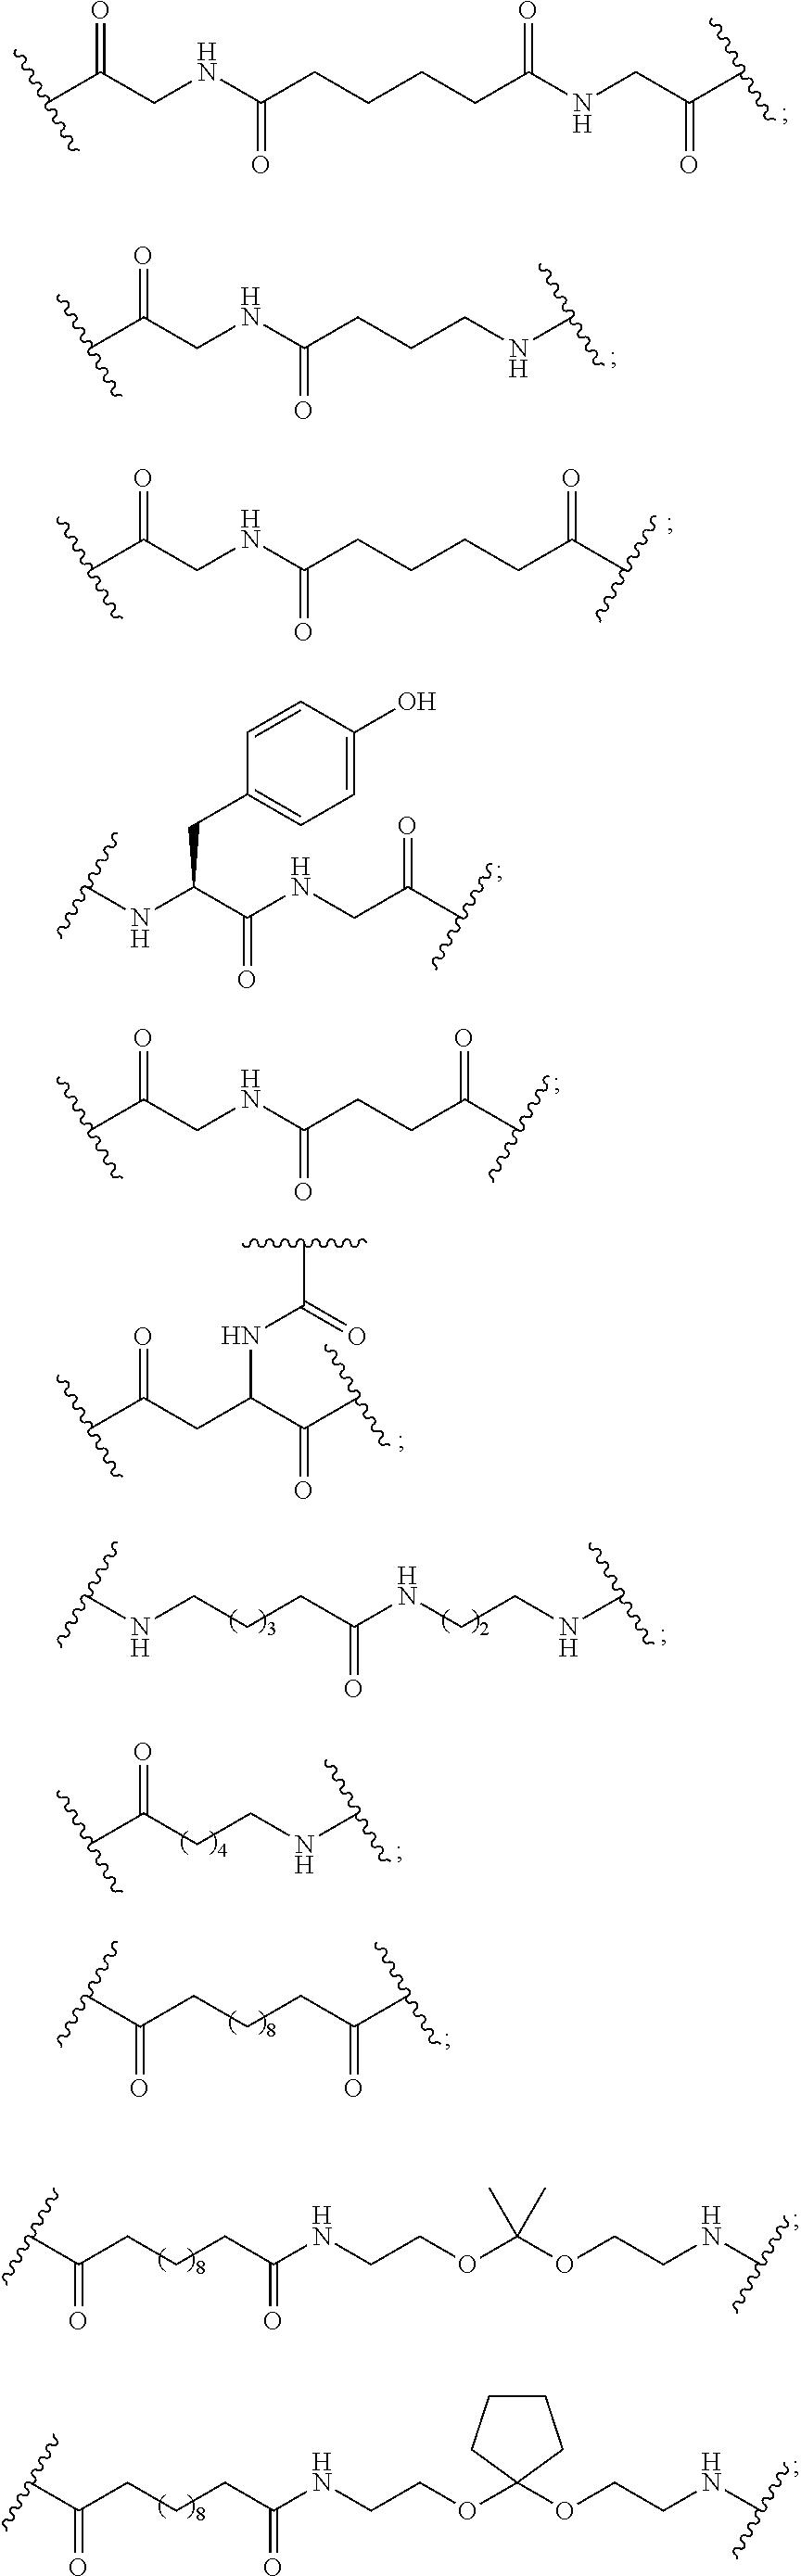 Figure US09943604-20180417-C00065